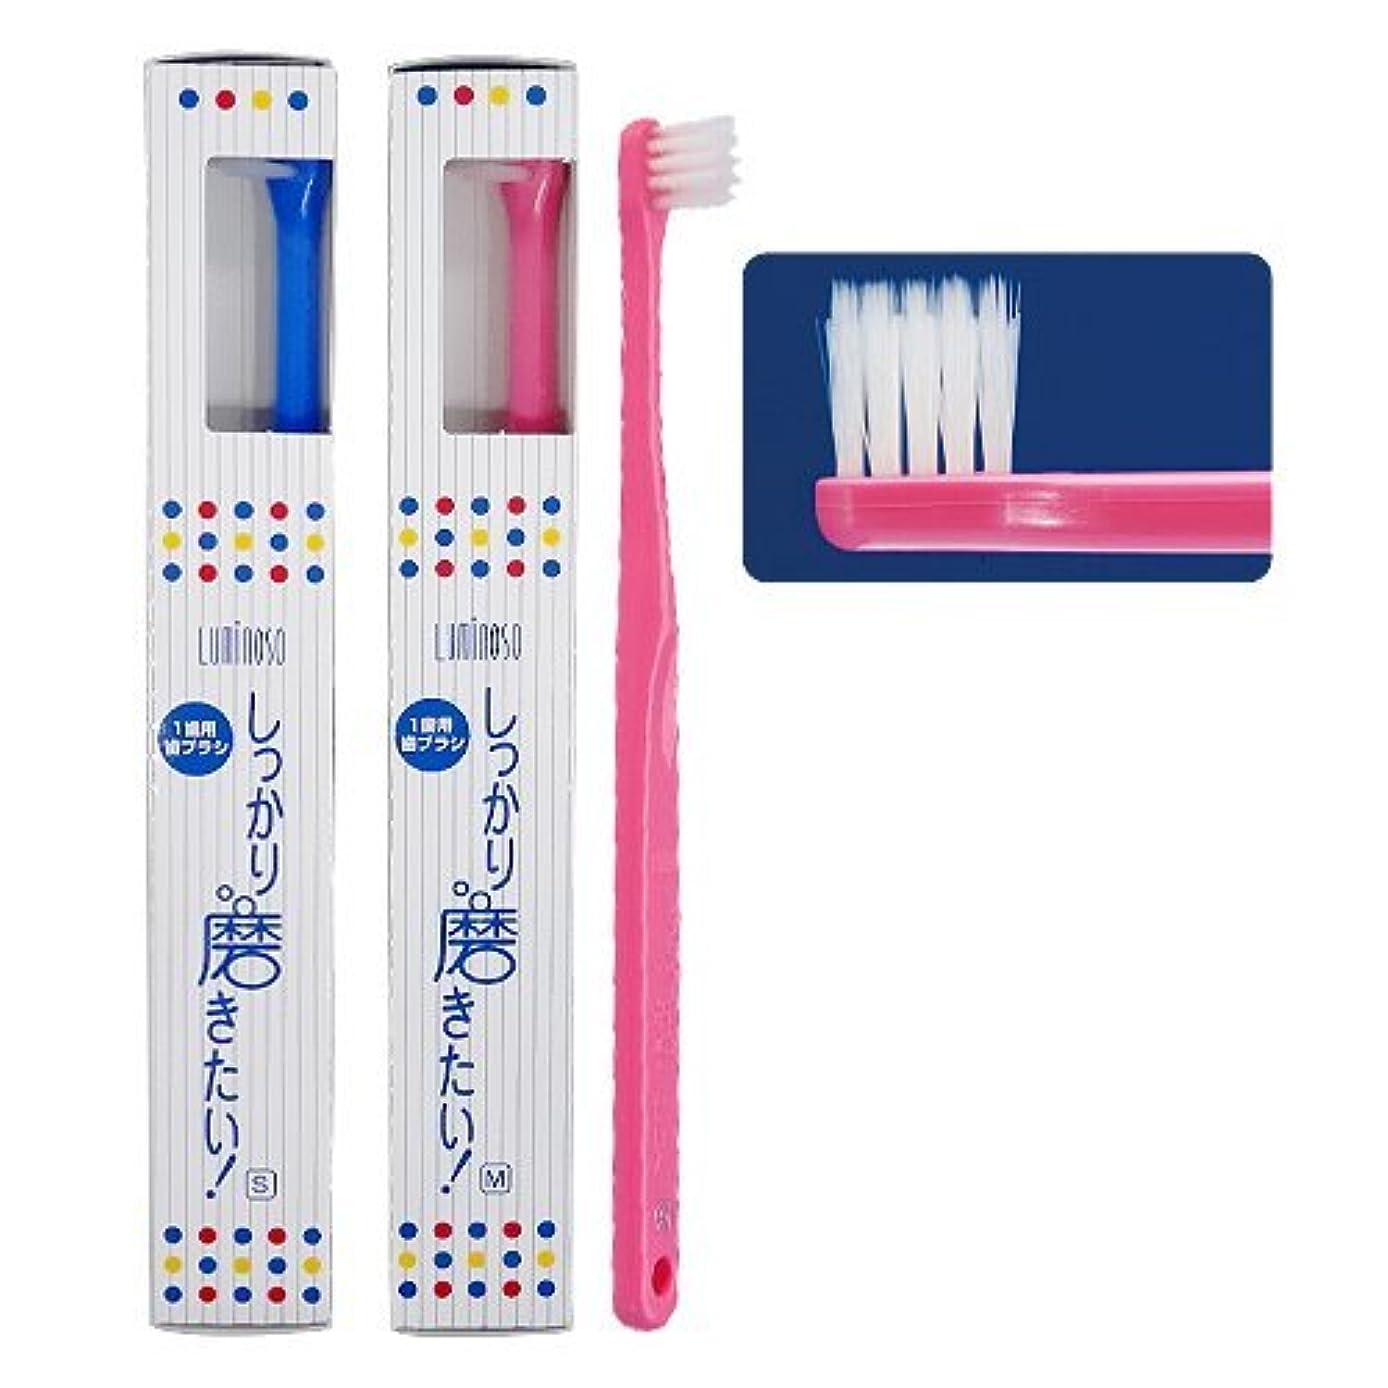 キャンドルフレームワークルミノソ 1歯用歯ブラシ「しっかり磨きたい!」スタンダード ソフト (カラー指定不可) 5本